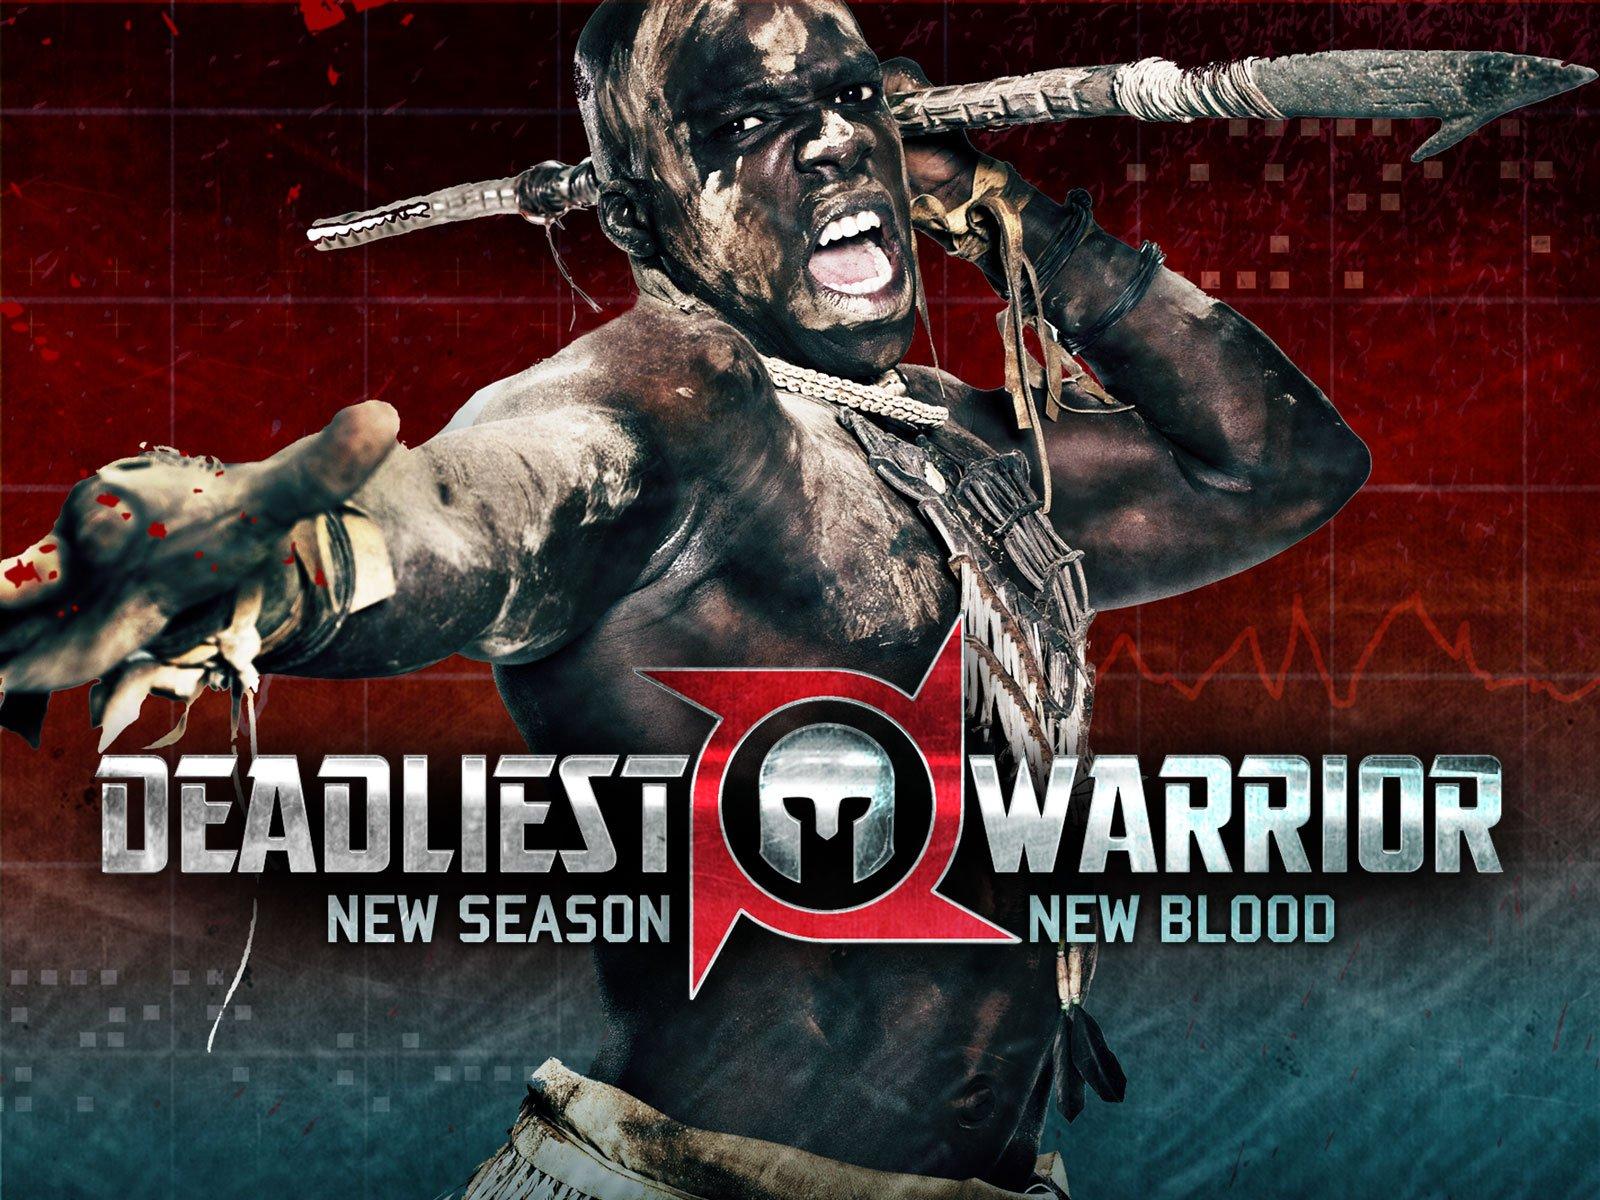 Tv links zero day: watch deadliest warrior season 2 episode 3.